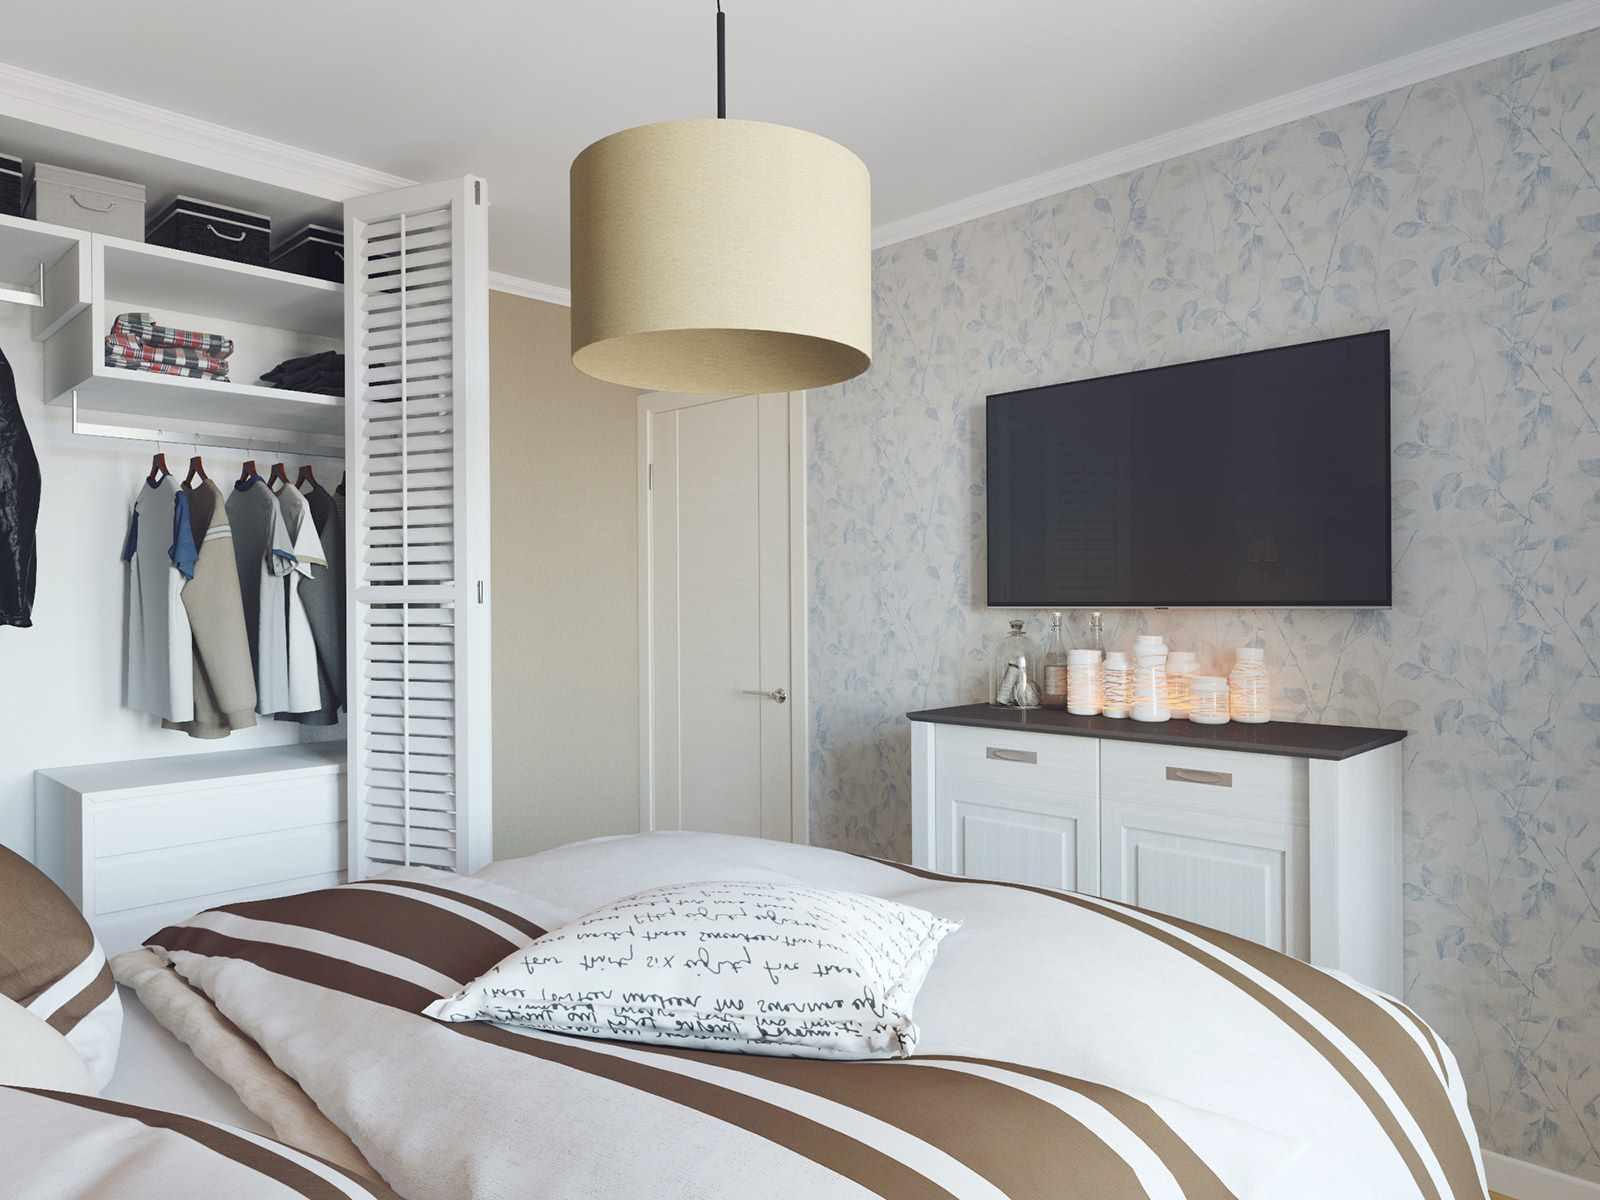 variante d'un beau design d'une chambre